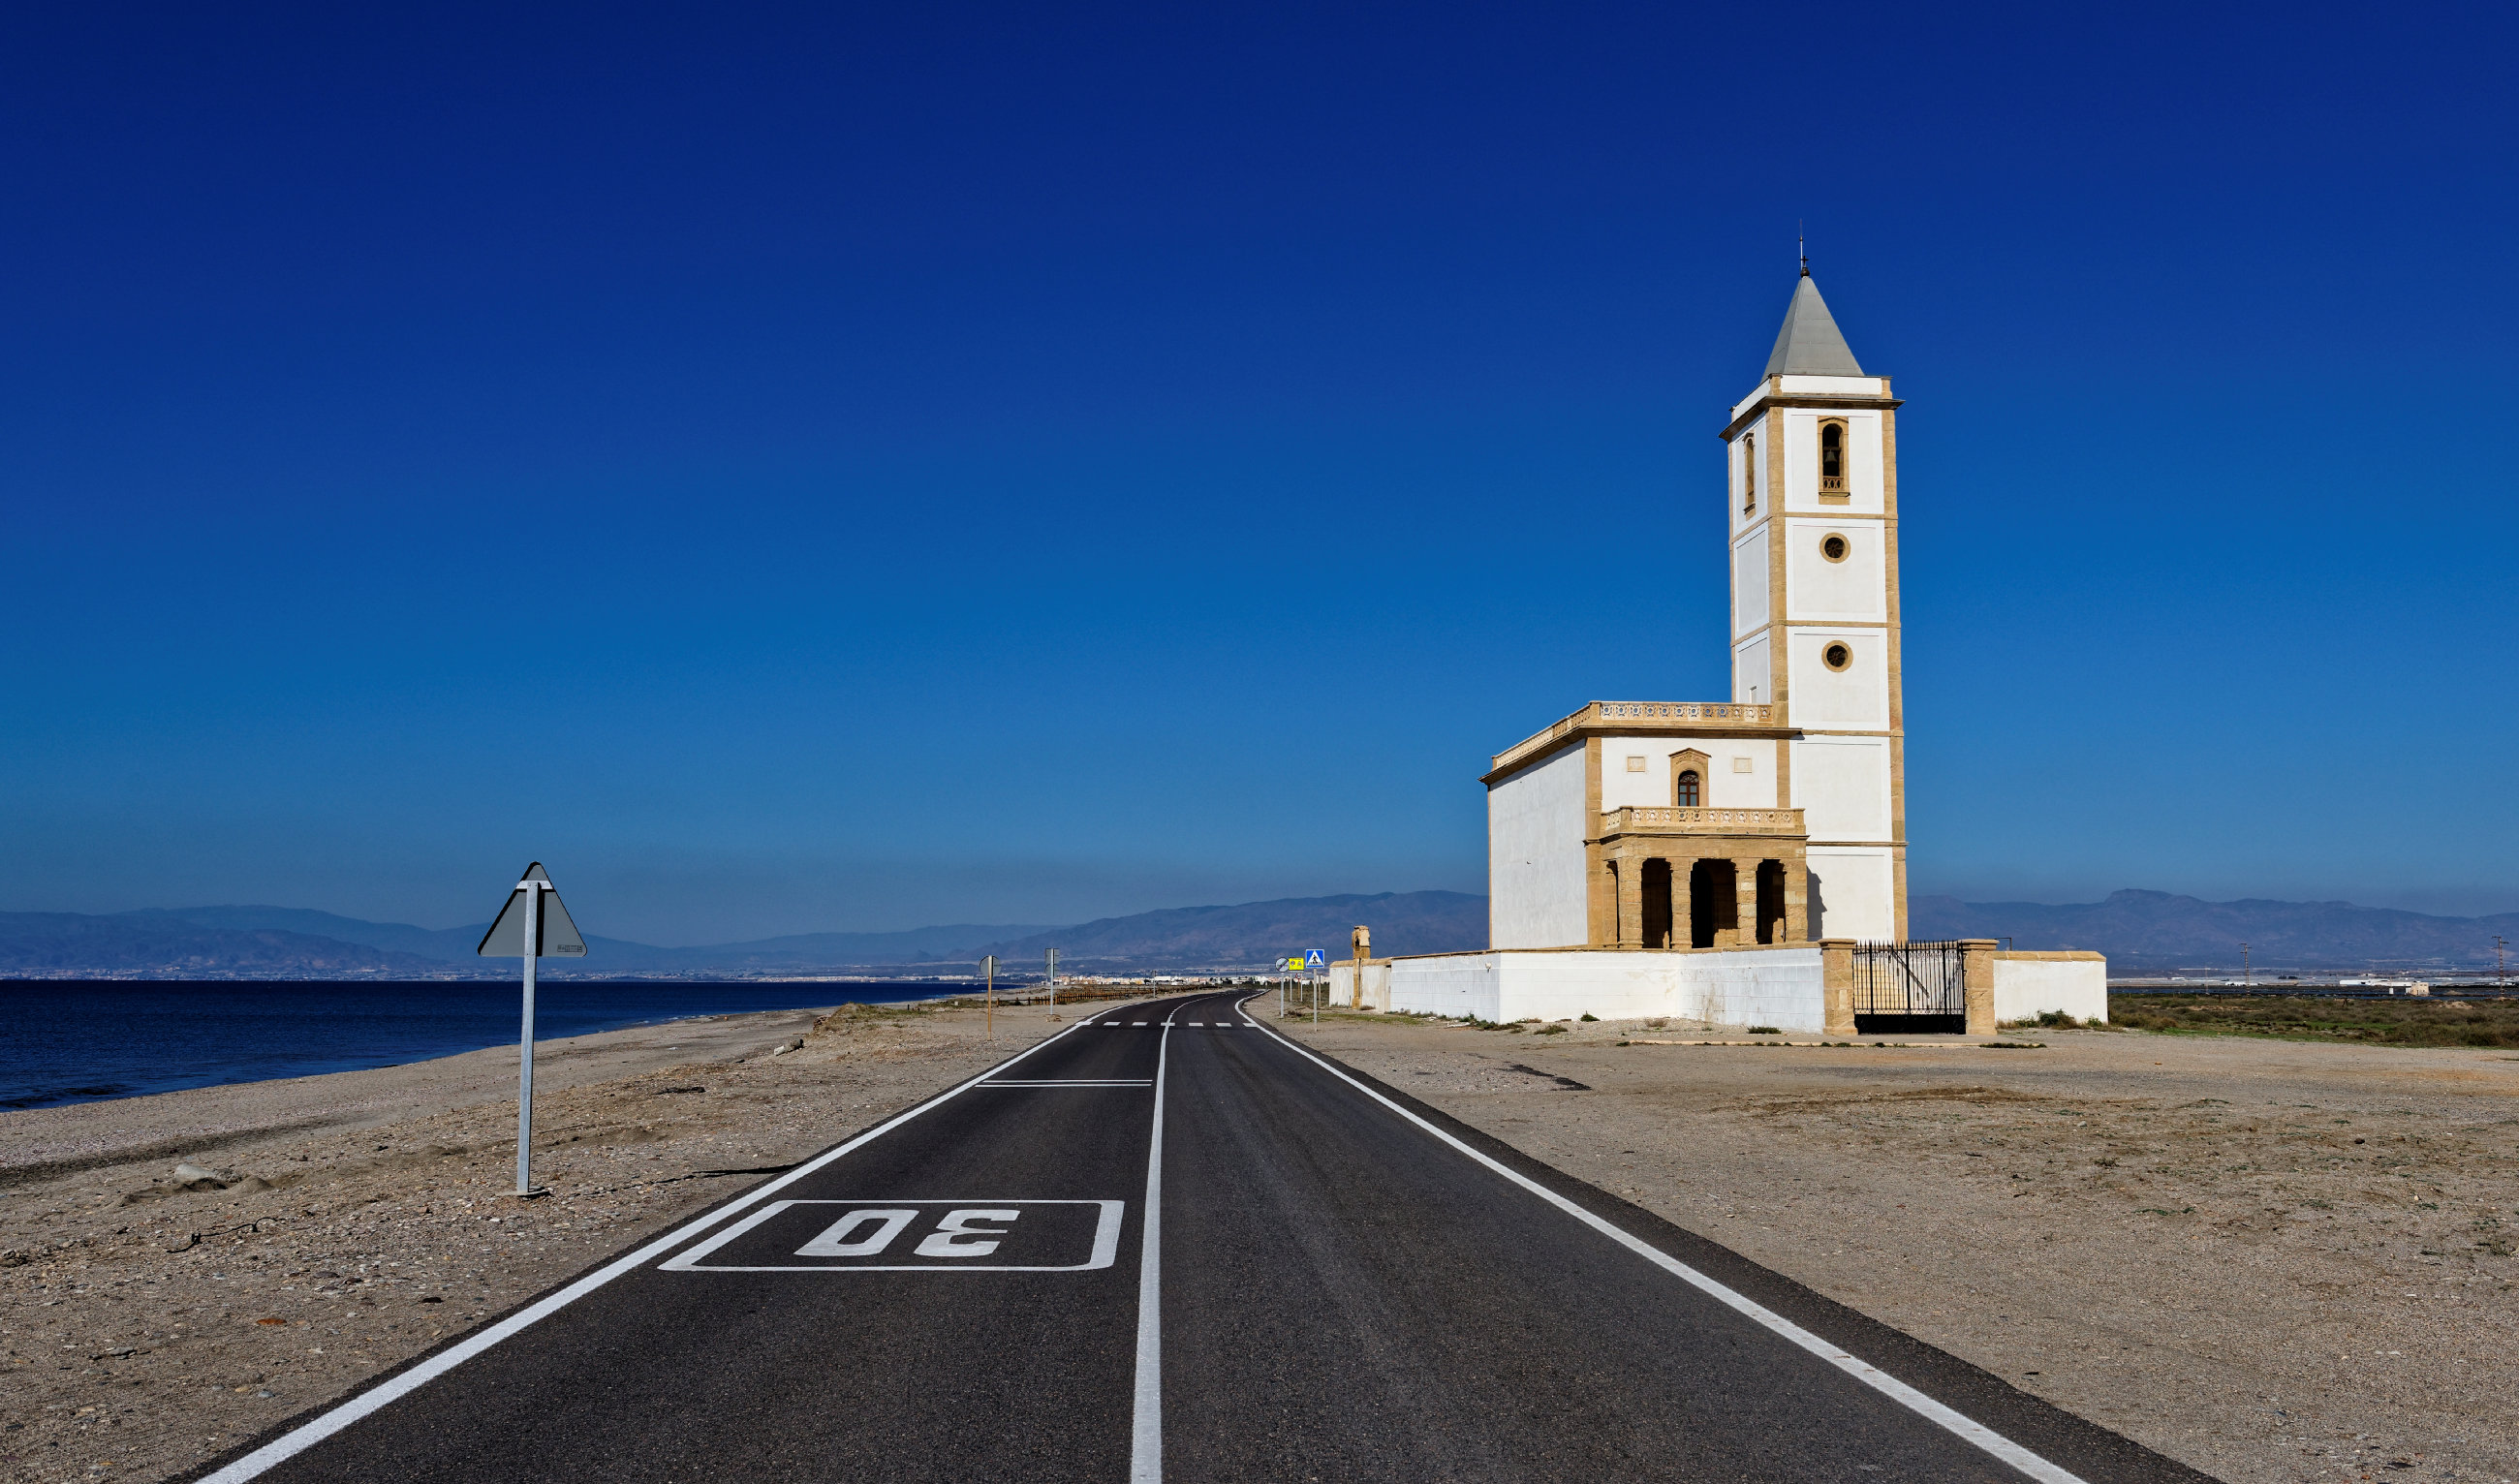 151109-Cabo de Gata-La Almadraba de Monteleva (62)_2